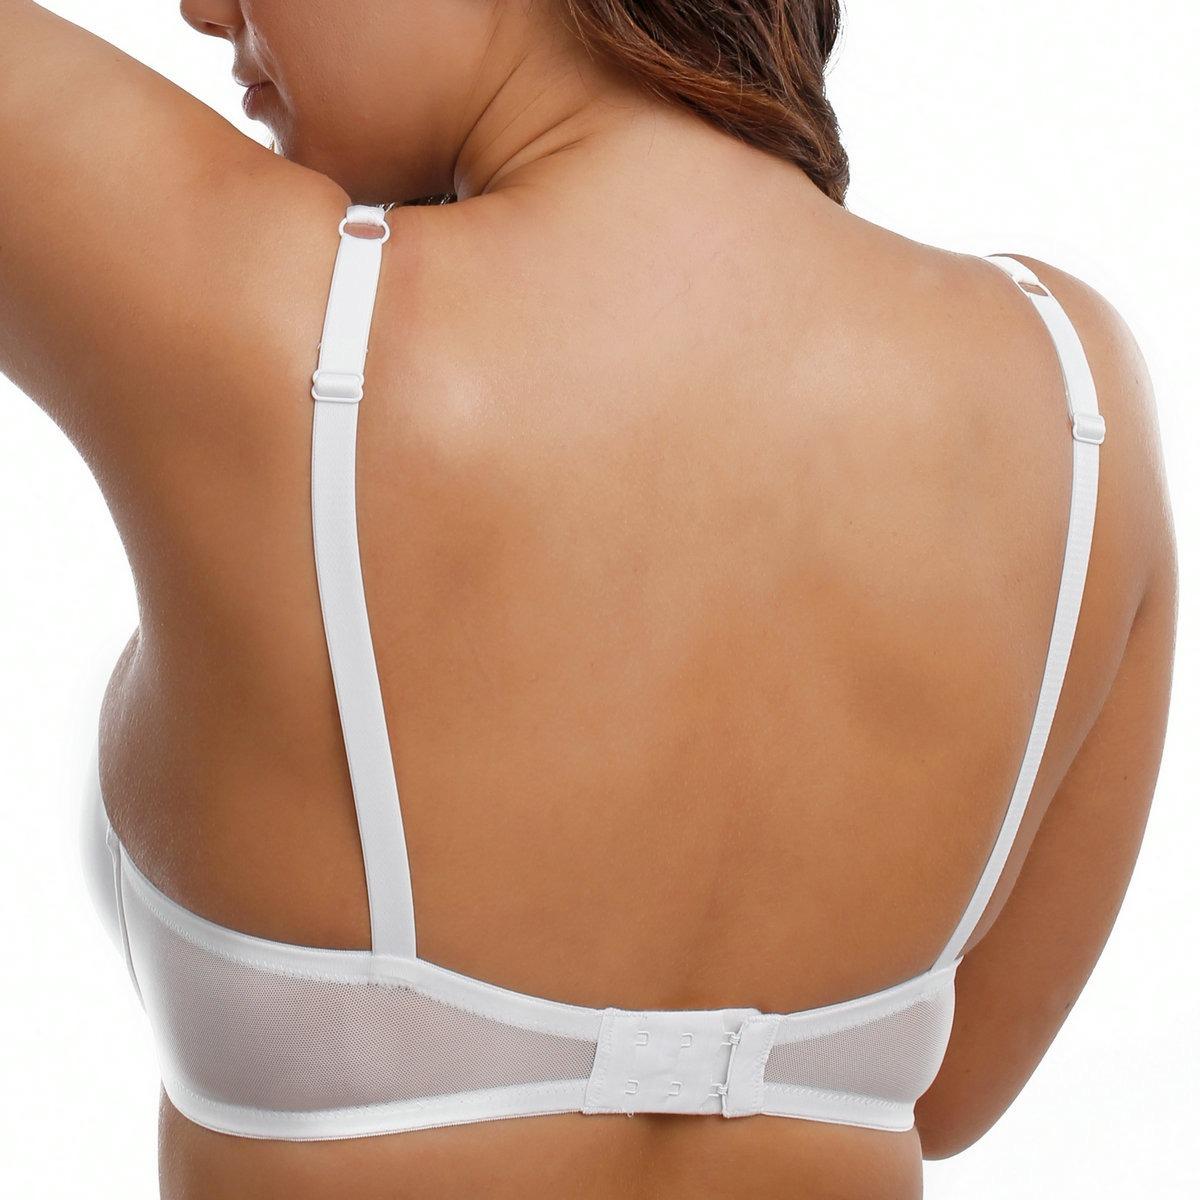 Brand New PLus Size Full Coverage Essential Underwire T-Shirt Bra 32 34 36 38 40 DD E F G